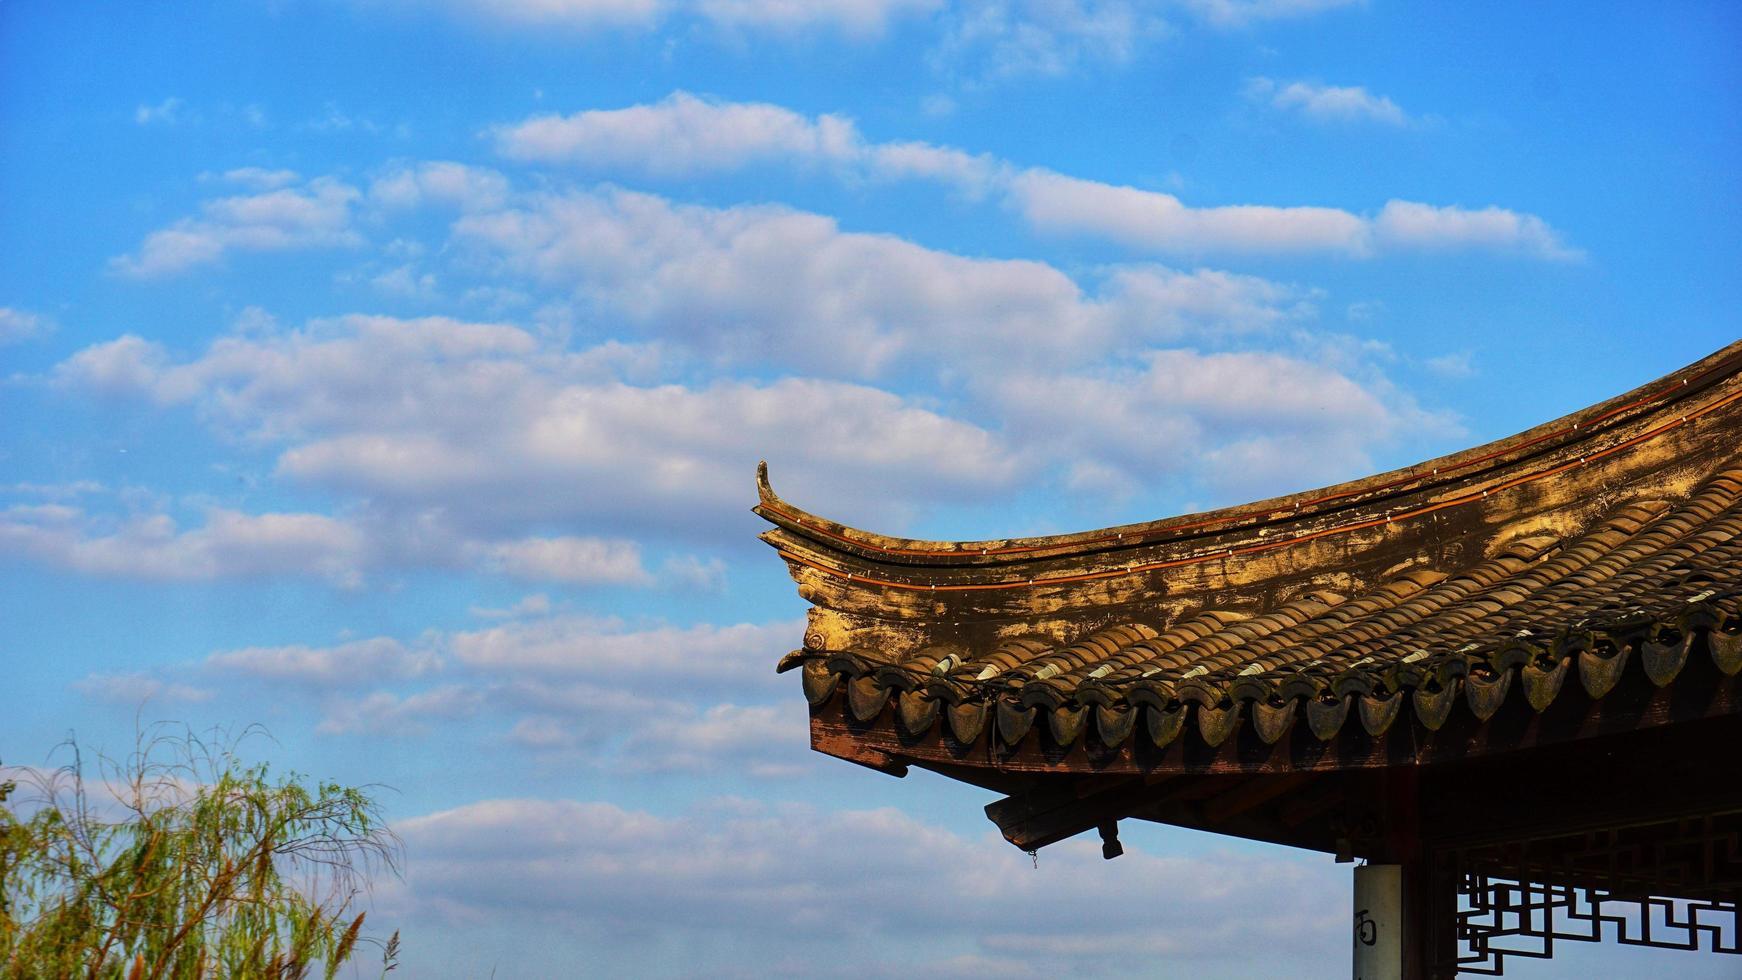 ciudad de changshu, provincia de jiangsu. 25 de octubre de 2020 - cielo azul y aleros foto